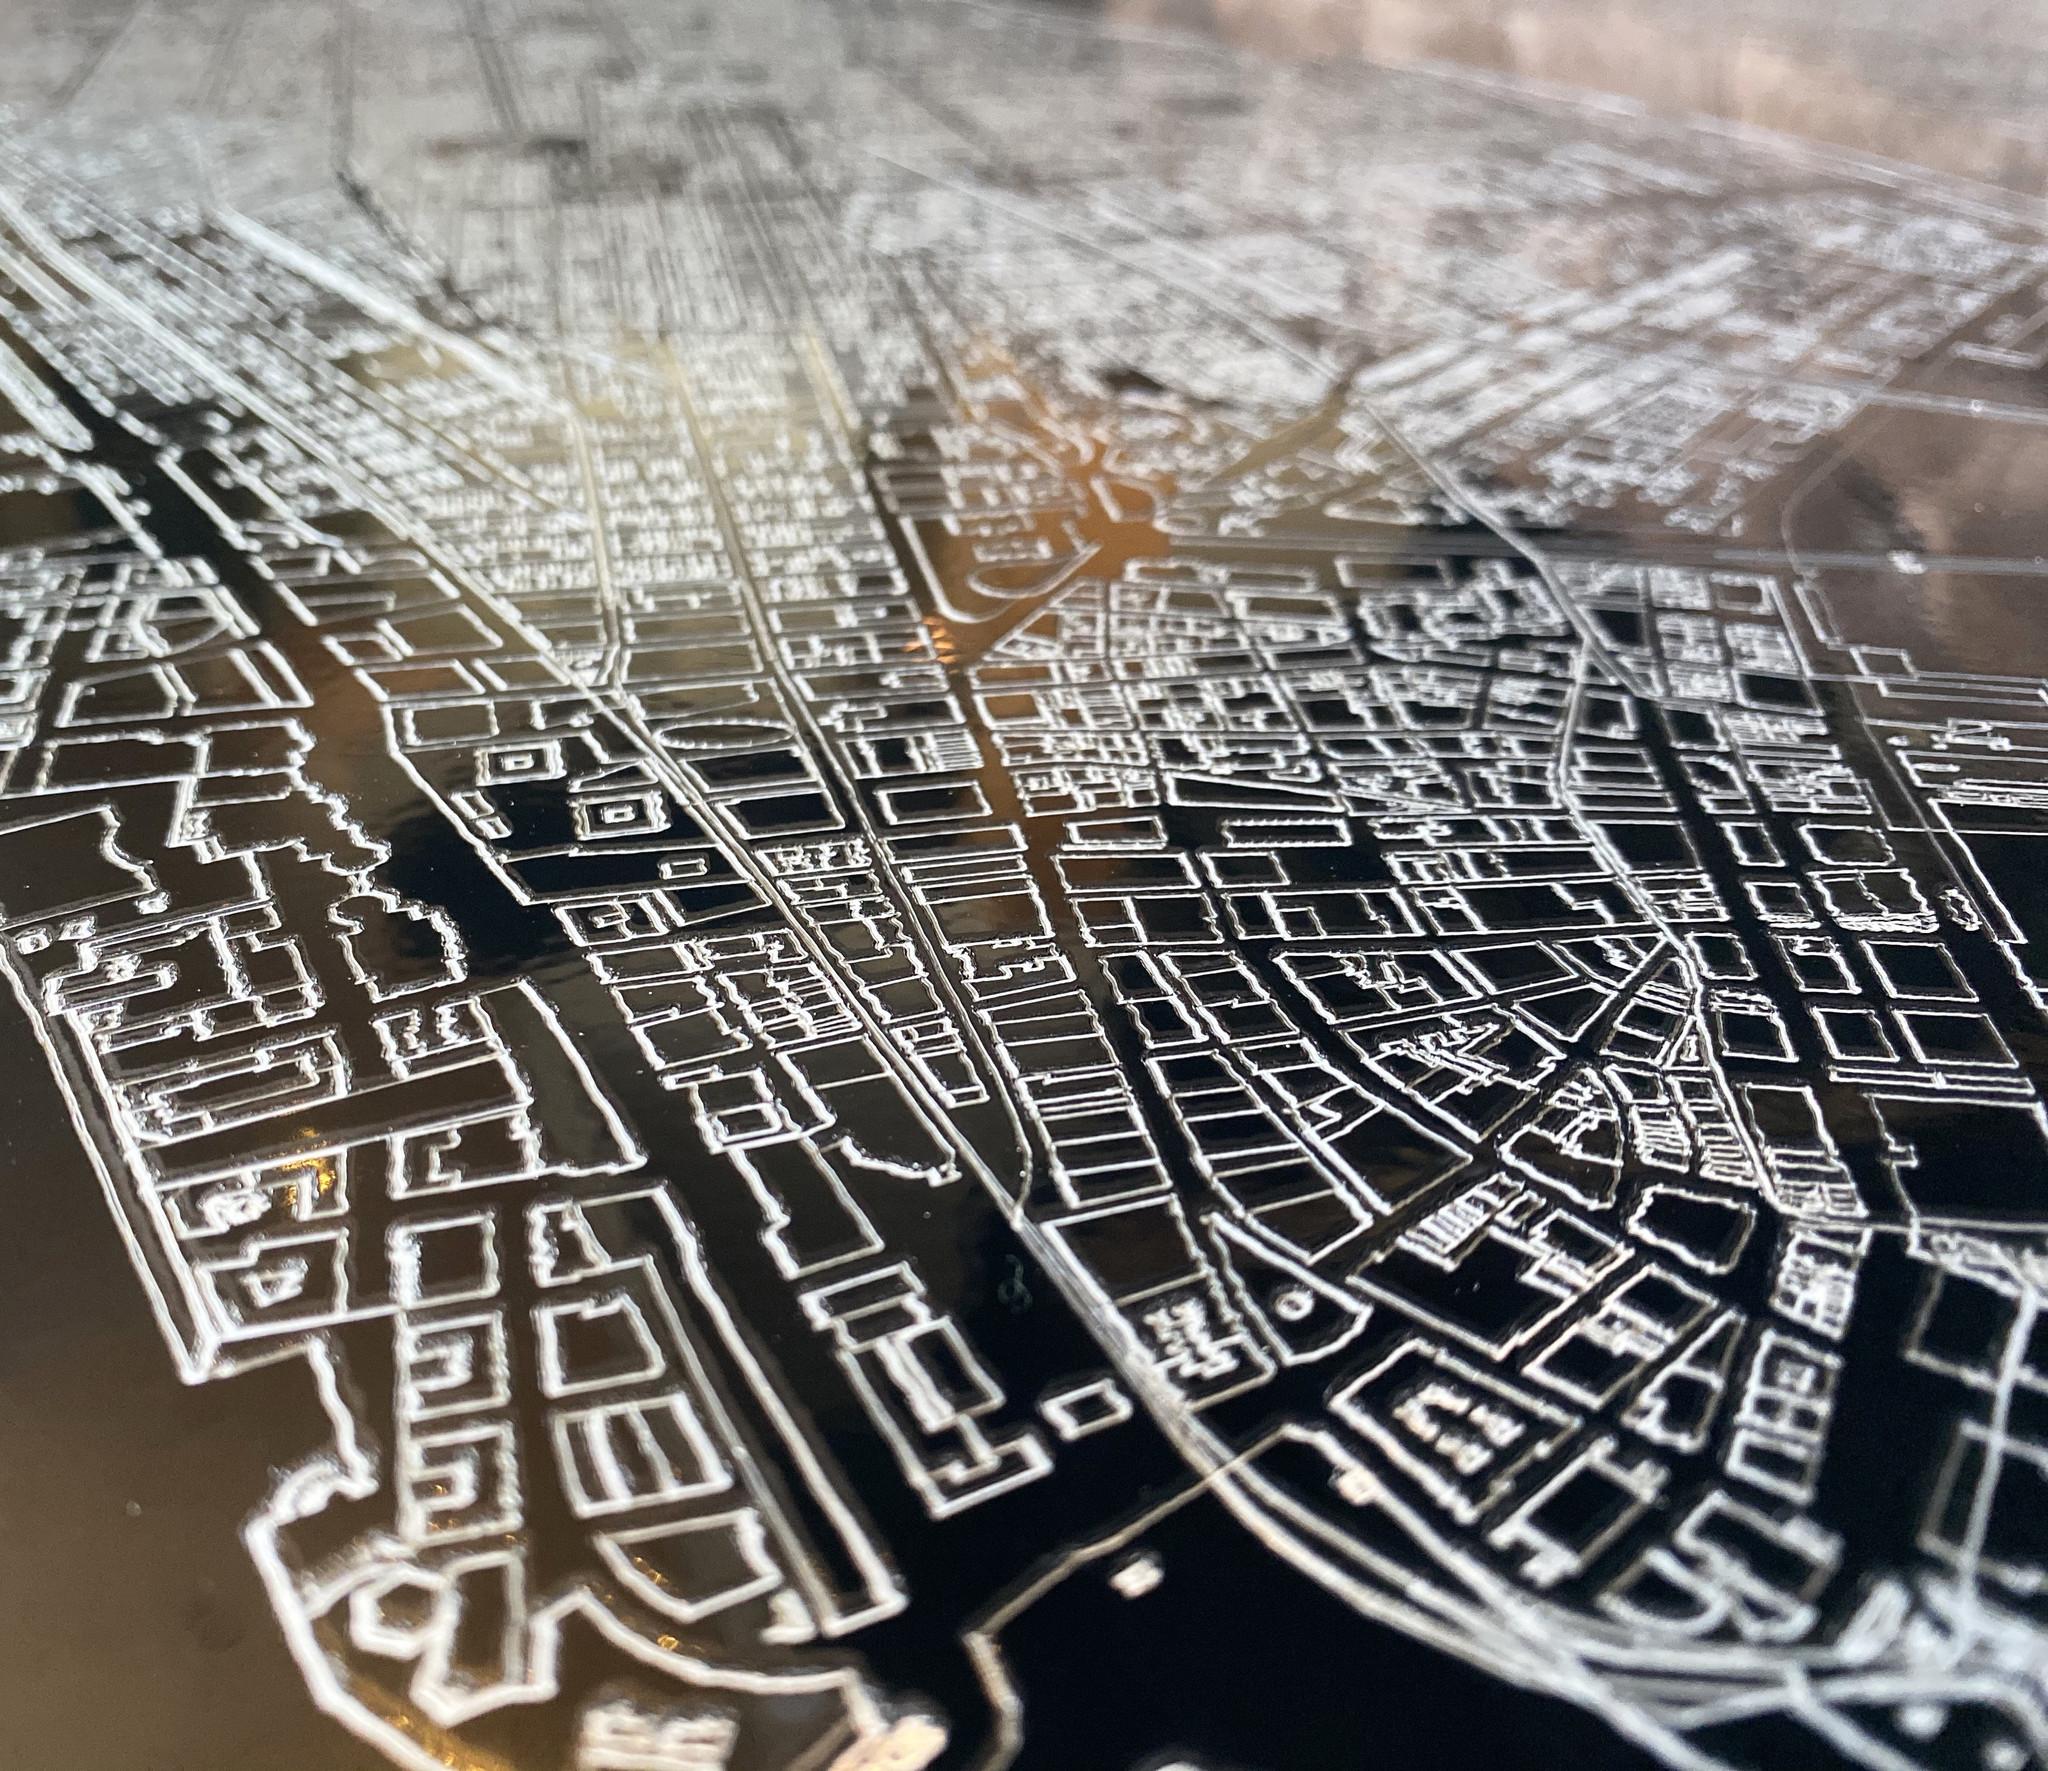 Stadtkarte Metal Delft-4